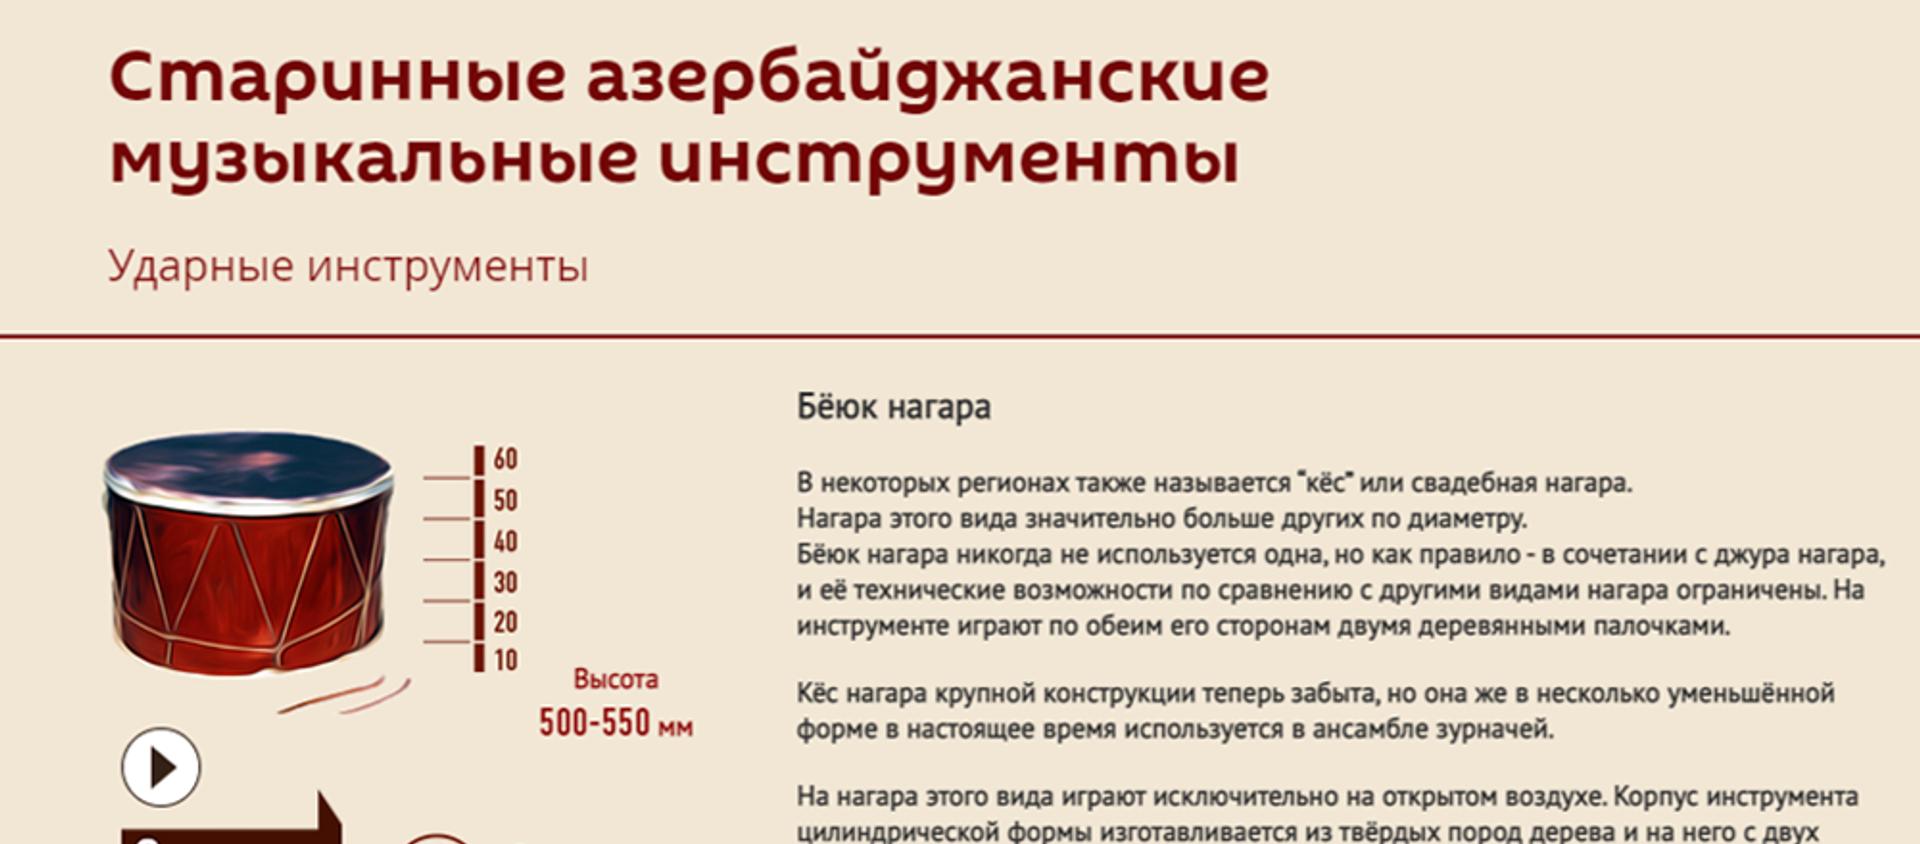 Инфографика: Старинные азербайджанские музыкальные инструменты - ударные - Sputnik Азербайджан, 1920, 23.03.2021